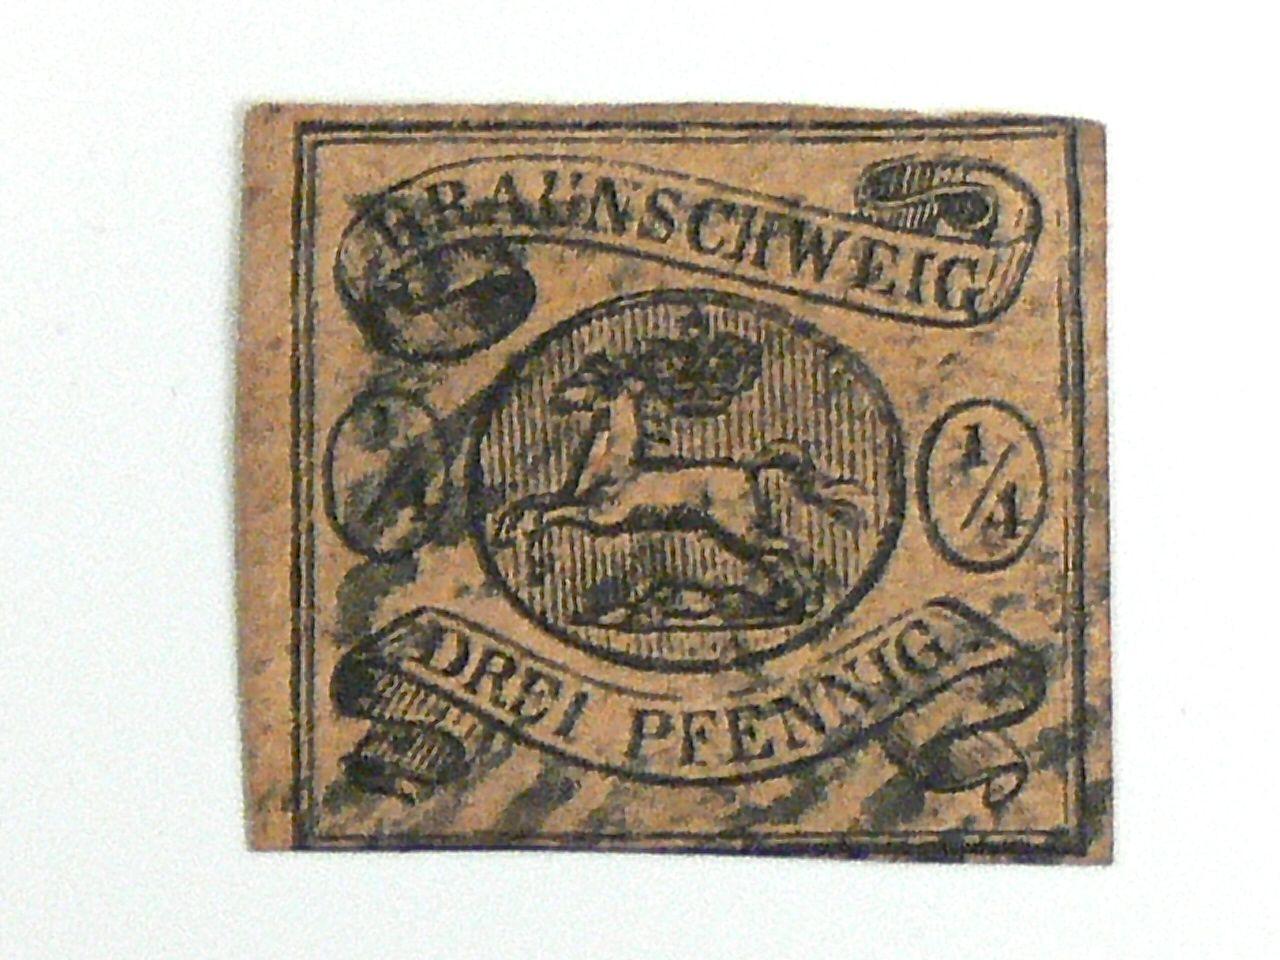 Die Drei Braunschweig breifmarke altdeutschland braunschweig freimarke 1 4 ggr drei